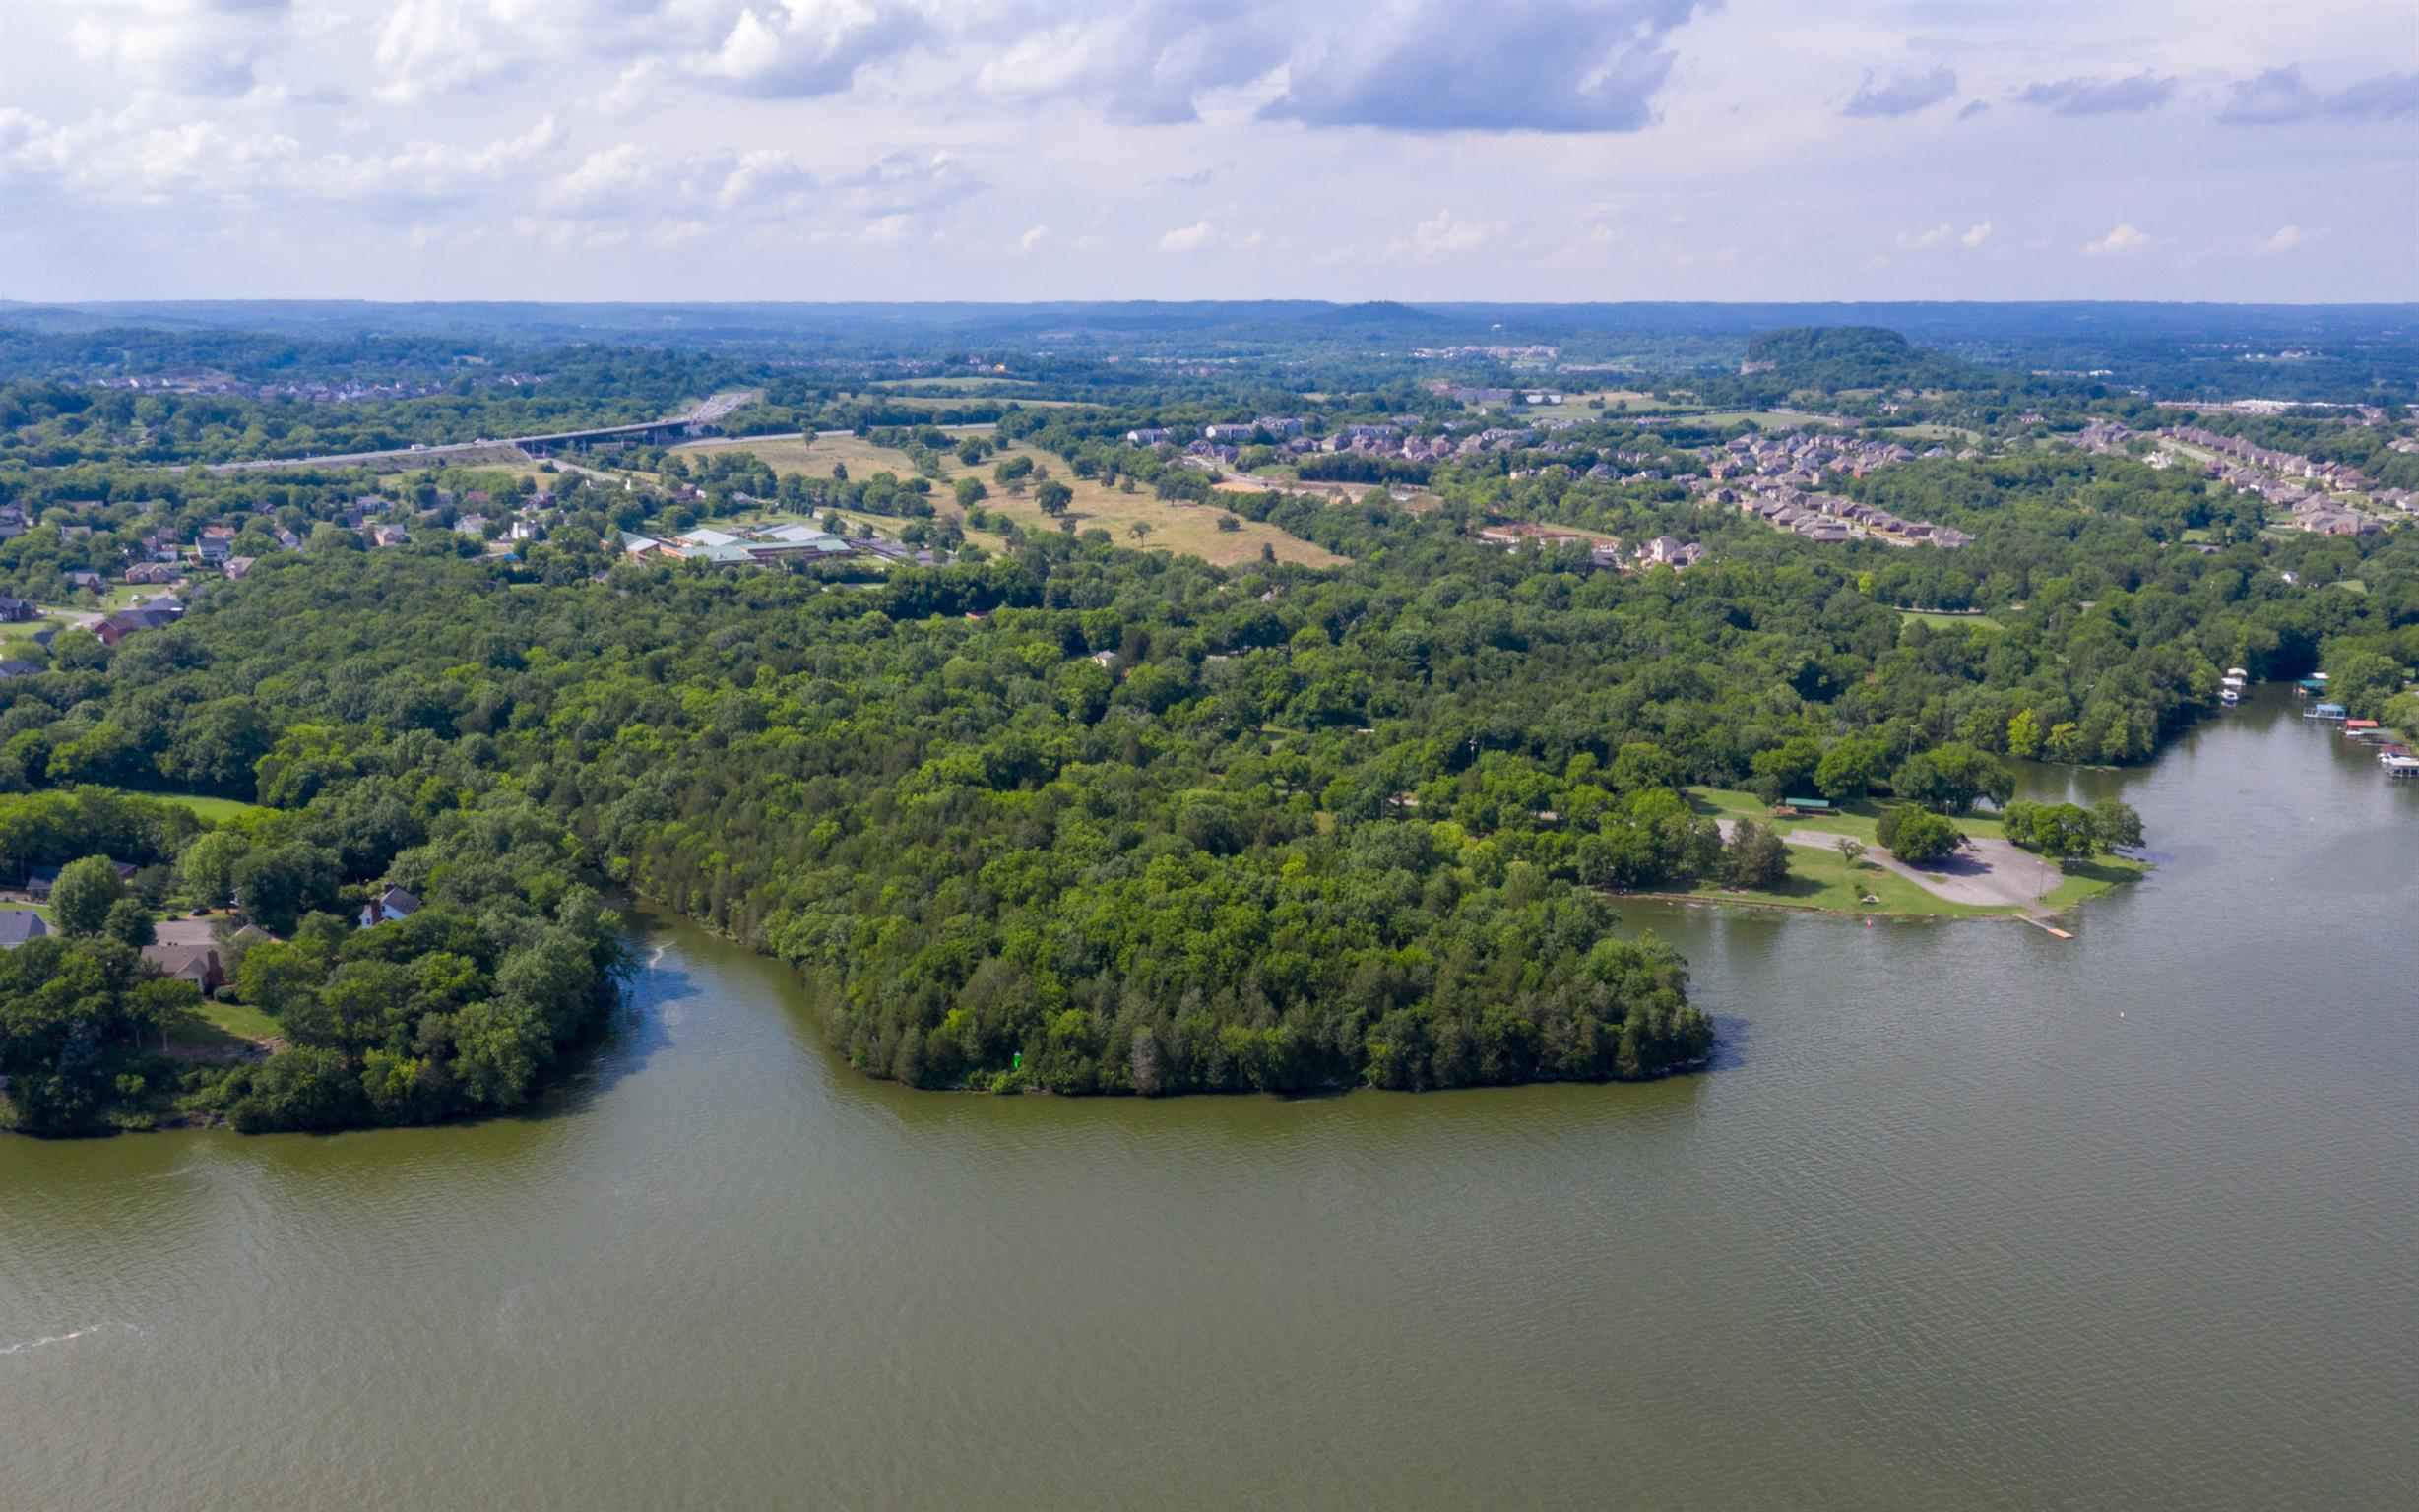 126 Avondale Access Rd, Hendersonville, TN 37075 - Hendersonville, TN real estate listing